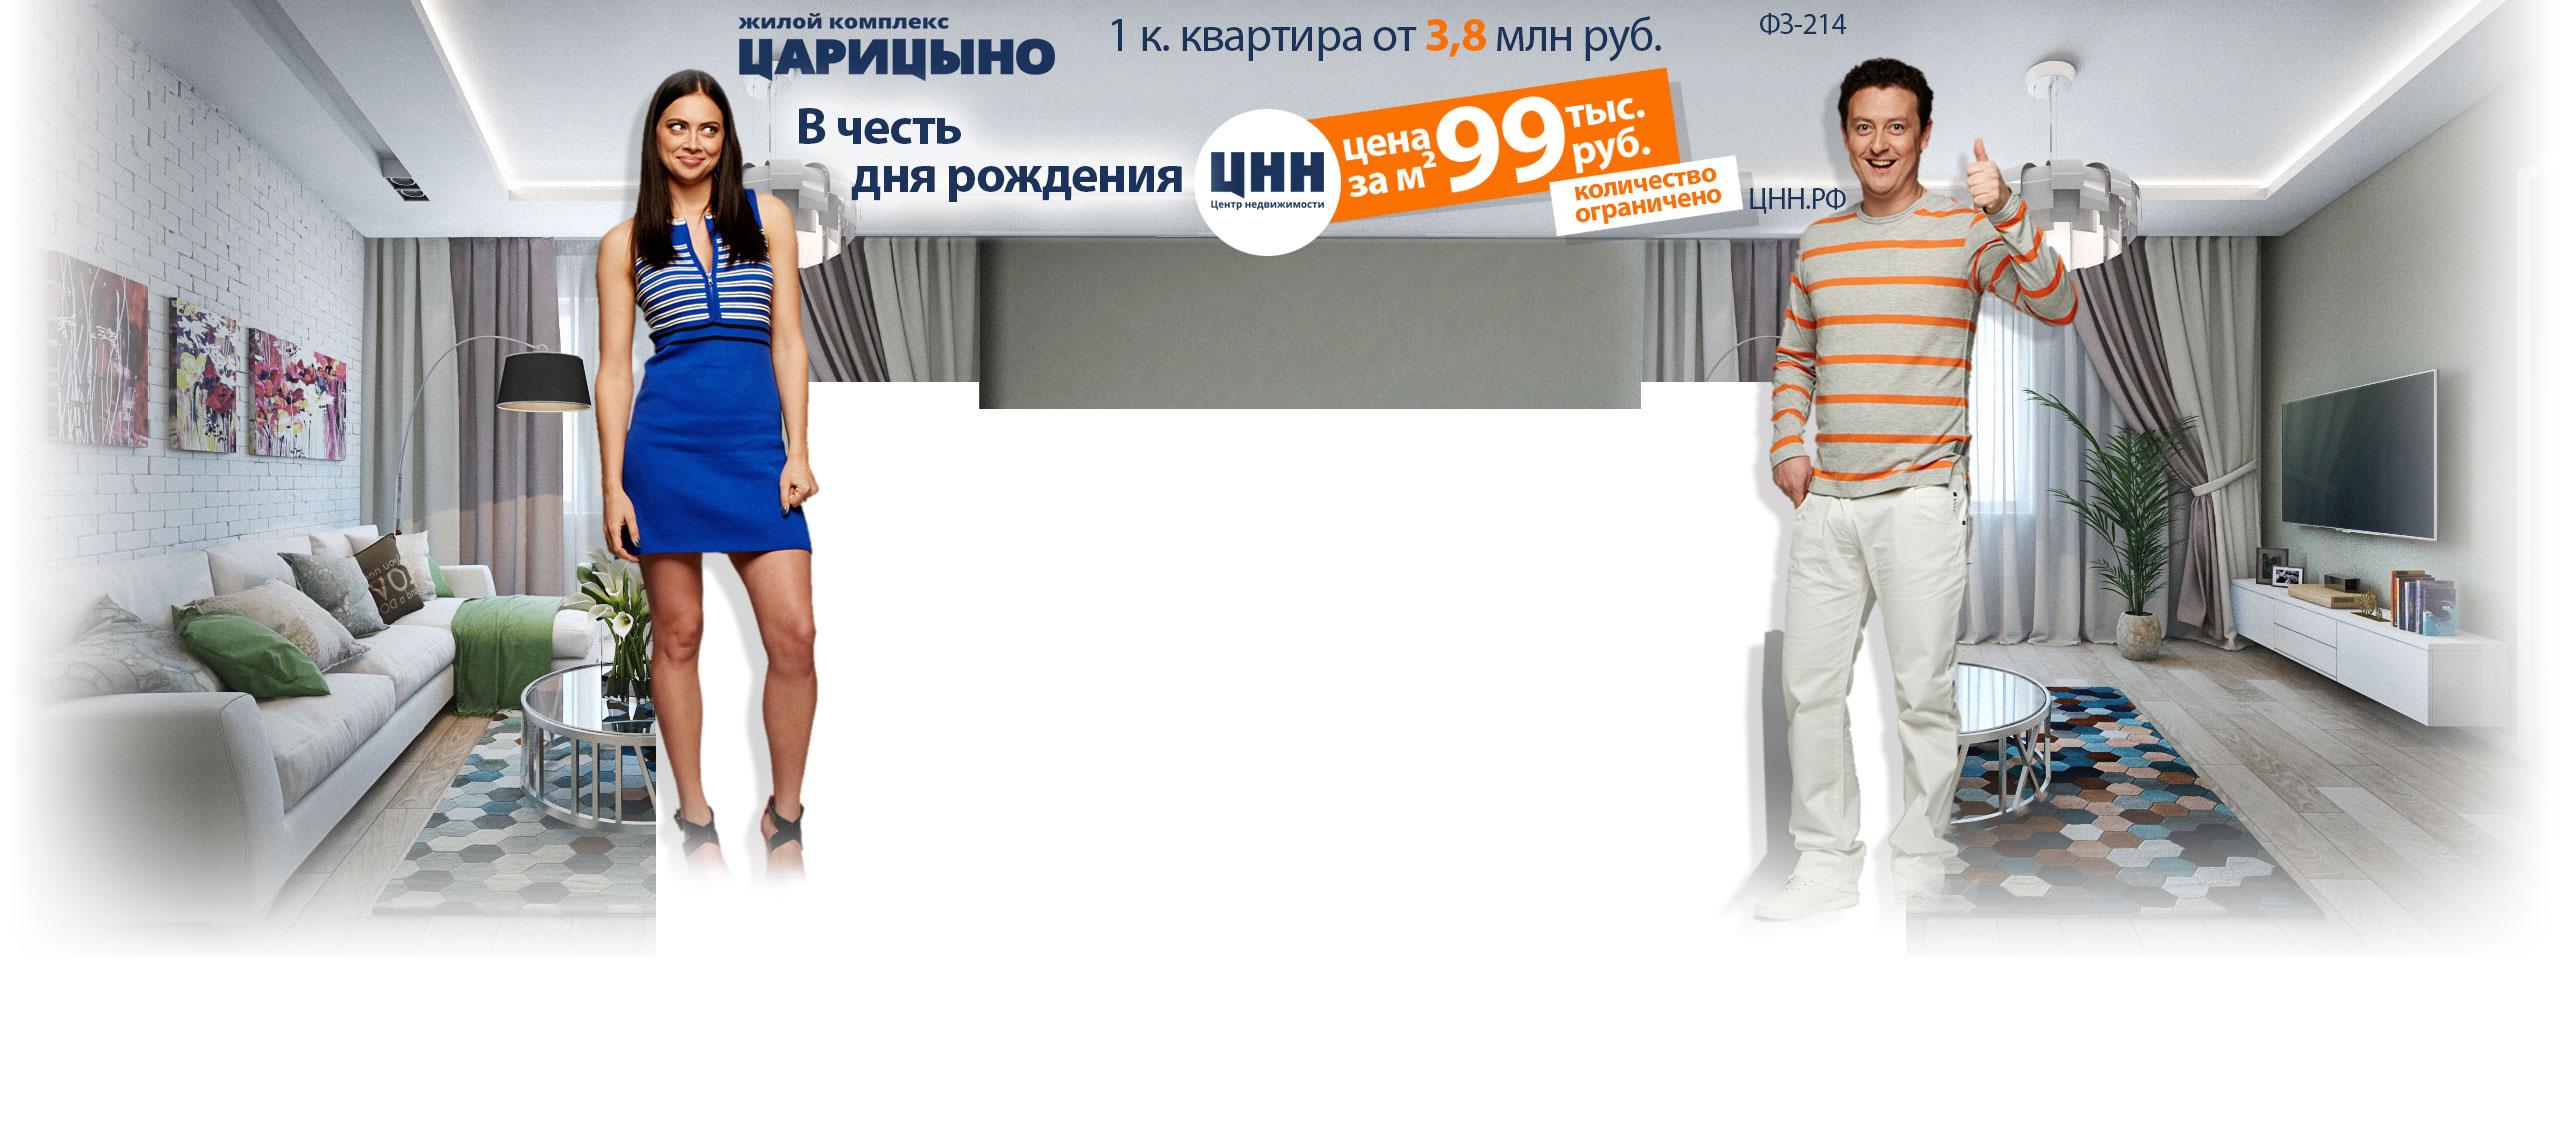 Царицыно+Самбурская